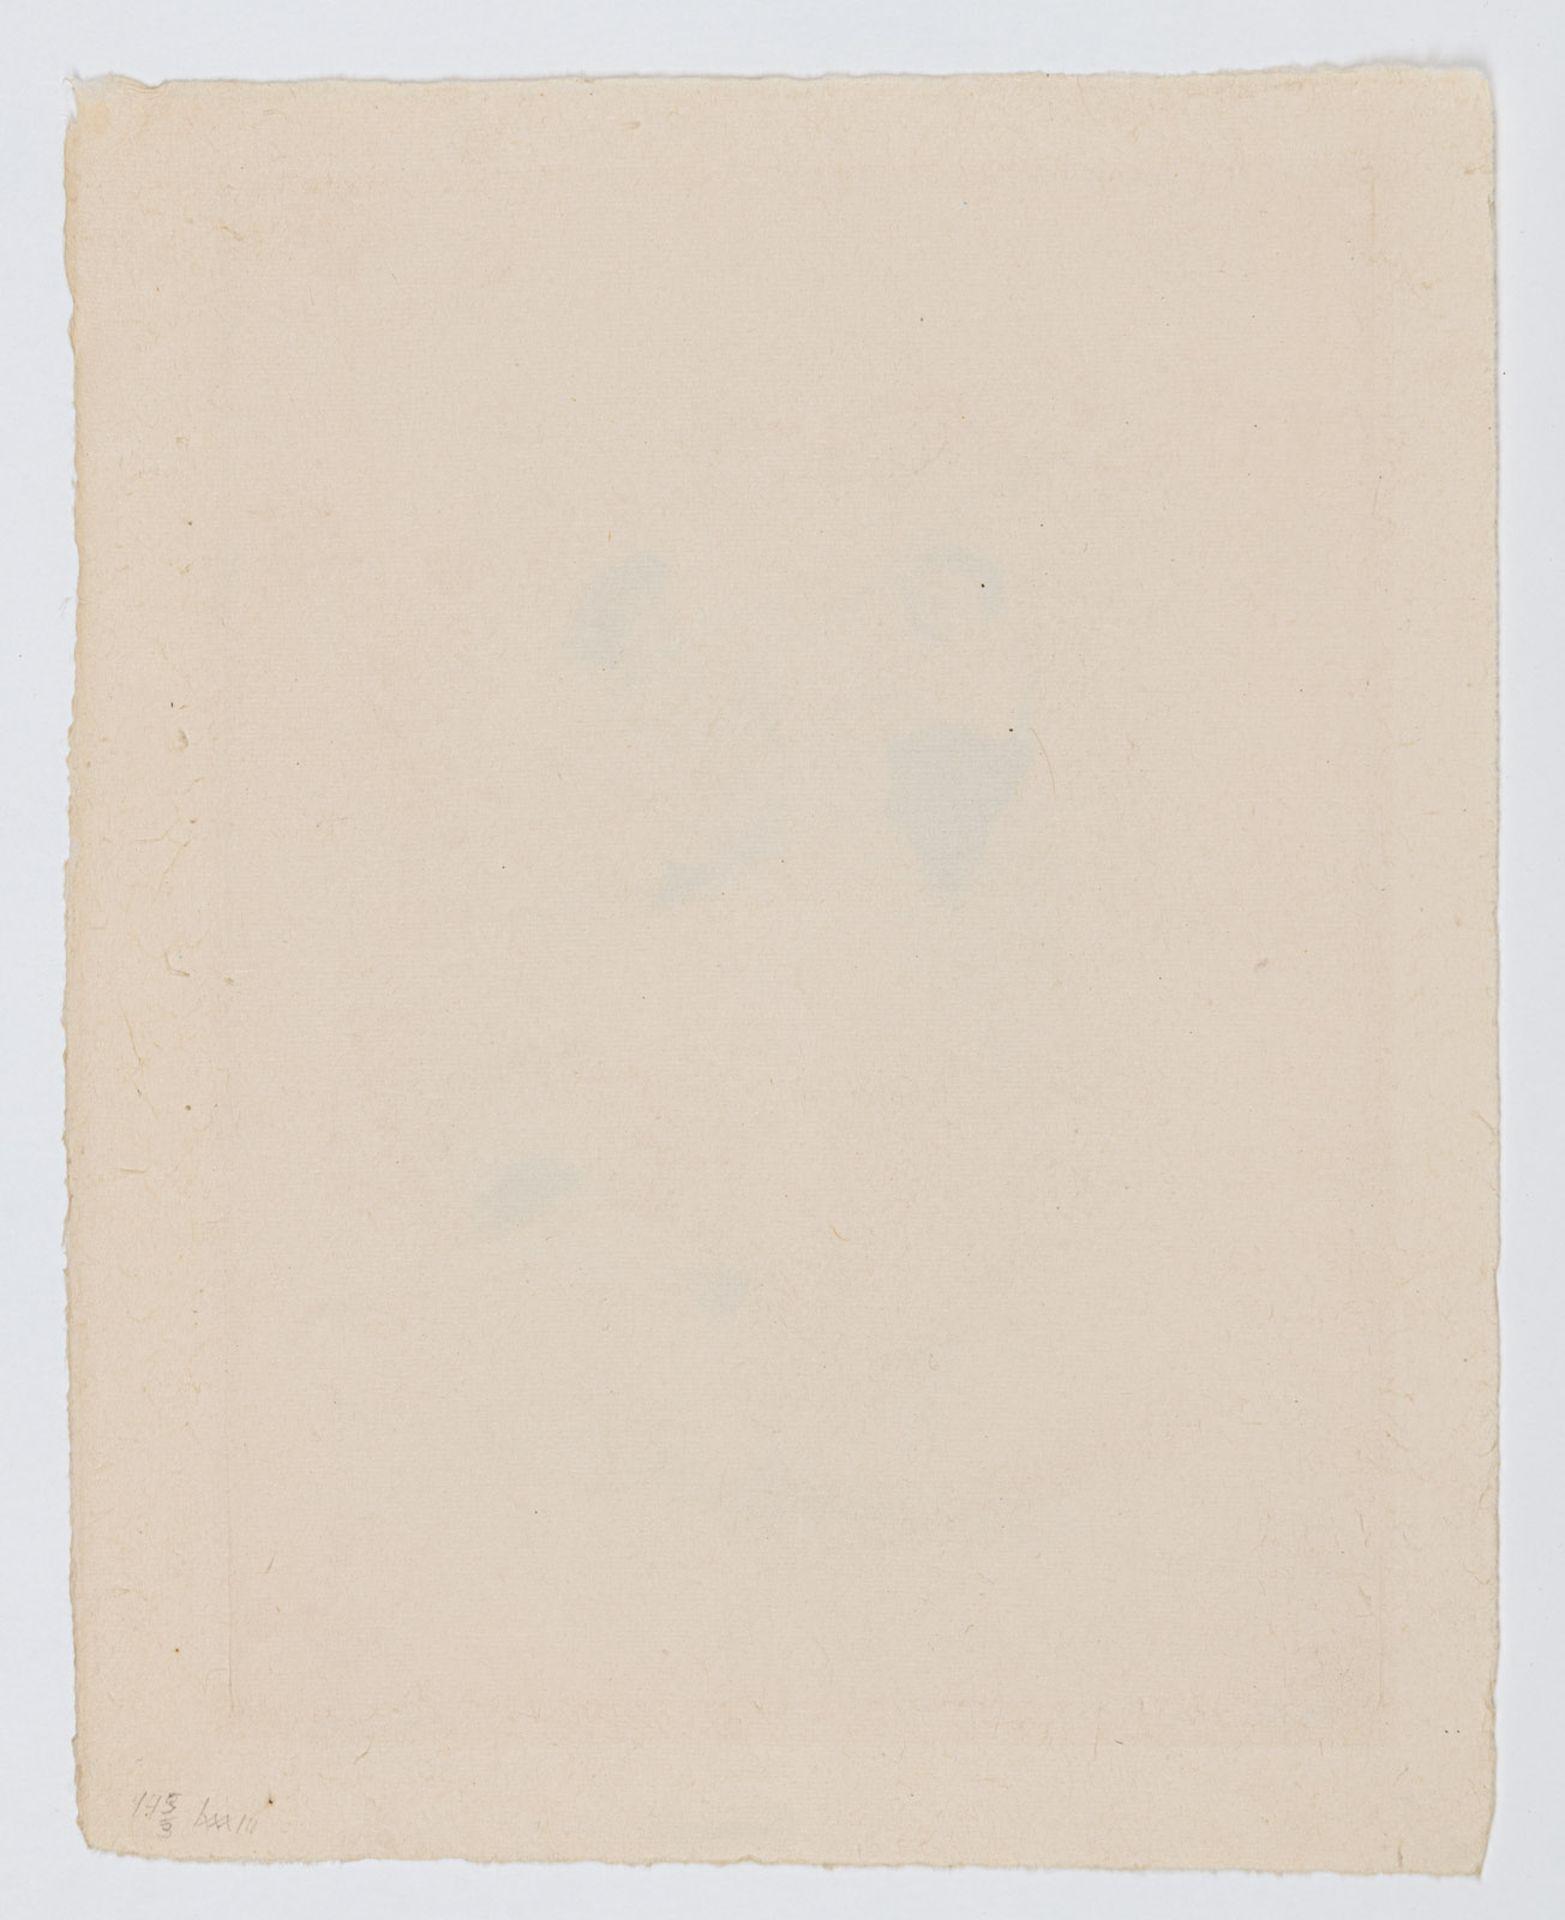 Oppler, Ernst - Image 5 of 9